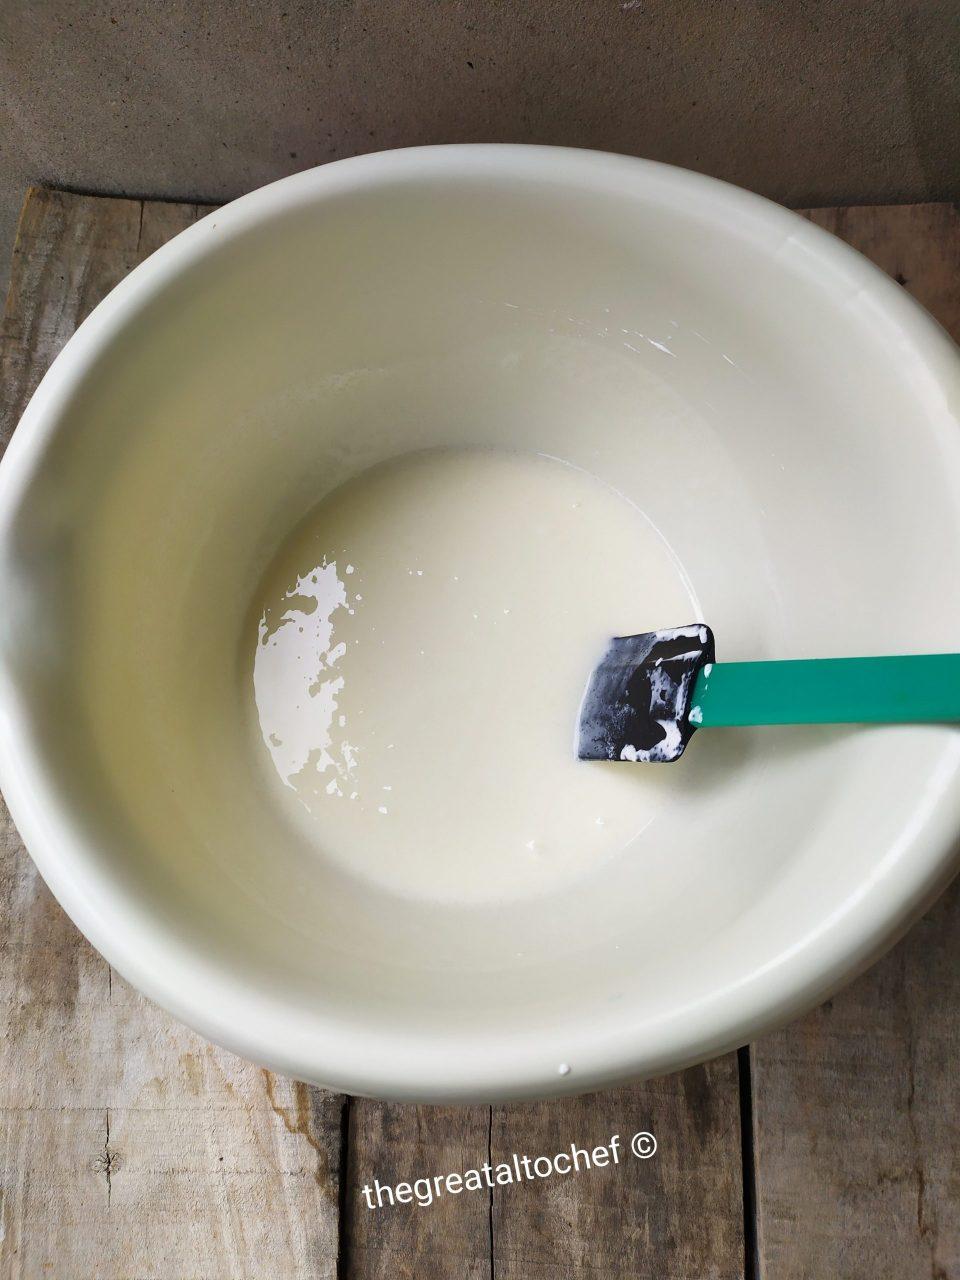 Сви ми волимо сладолед. Посебно оне које правимо код куће. Увек су ту неки разноразни рецепти који укључују јаја и то жива. А пошто је сад мало ризично користити термички необрађена јаја због салмонеле, трагала сам за неким рецептом који ће ми дати приближно квалитетнији укус и текстуру, као када направим сладолед са јајима. Пре неки дан позвала ме је другарица на дегустацију њеног ''home made'' сладоледа. Рецепт је каже добила од сестре из француске и врло често га спрема. И да скратим причу није ми се баш много допао јер није имао ону млечну свиленкасту текстуру за којом сам трагала. Текстуру мог сладоледа са јајима. Из куртуазије сам узела рецепт и моментално схватила да могу да га изменим. Врло мало измена може чудо да направи. И тако сам кренула да правим. У ванглу ставите 200мл неутралне млечне павлаке са минимумом 20%мм и 200гр шећера. Мешајте 5 минута спатулом или варјачом док се шећер не истопи. Додајте 150гр грчког јогурта, две кесице ванилин шећера па лепо сједините.